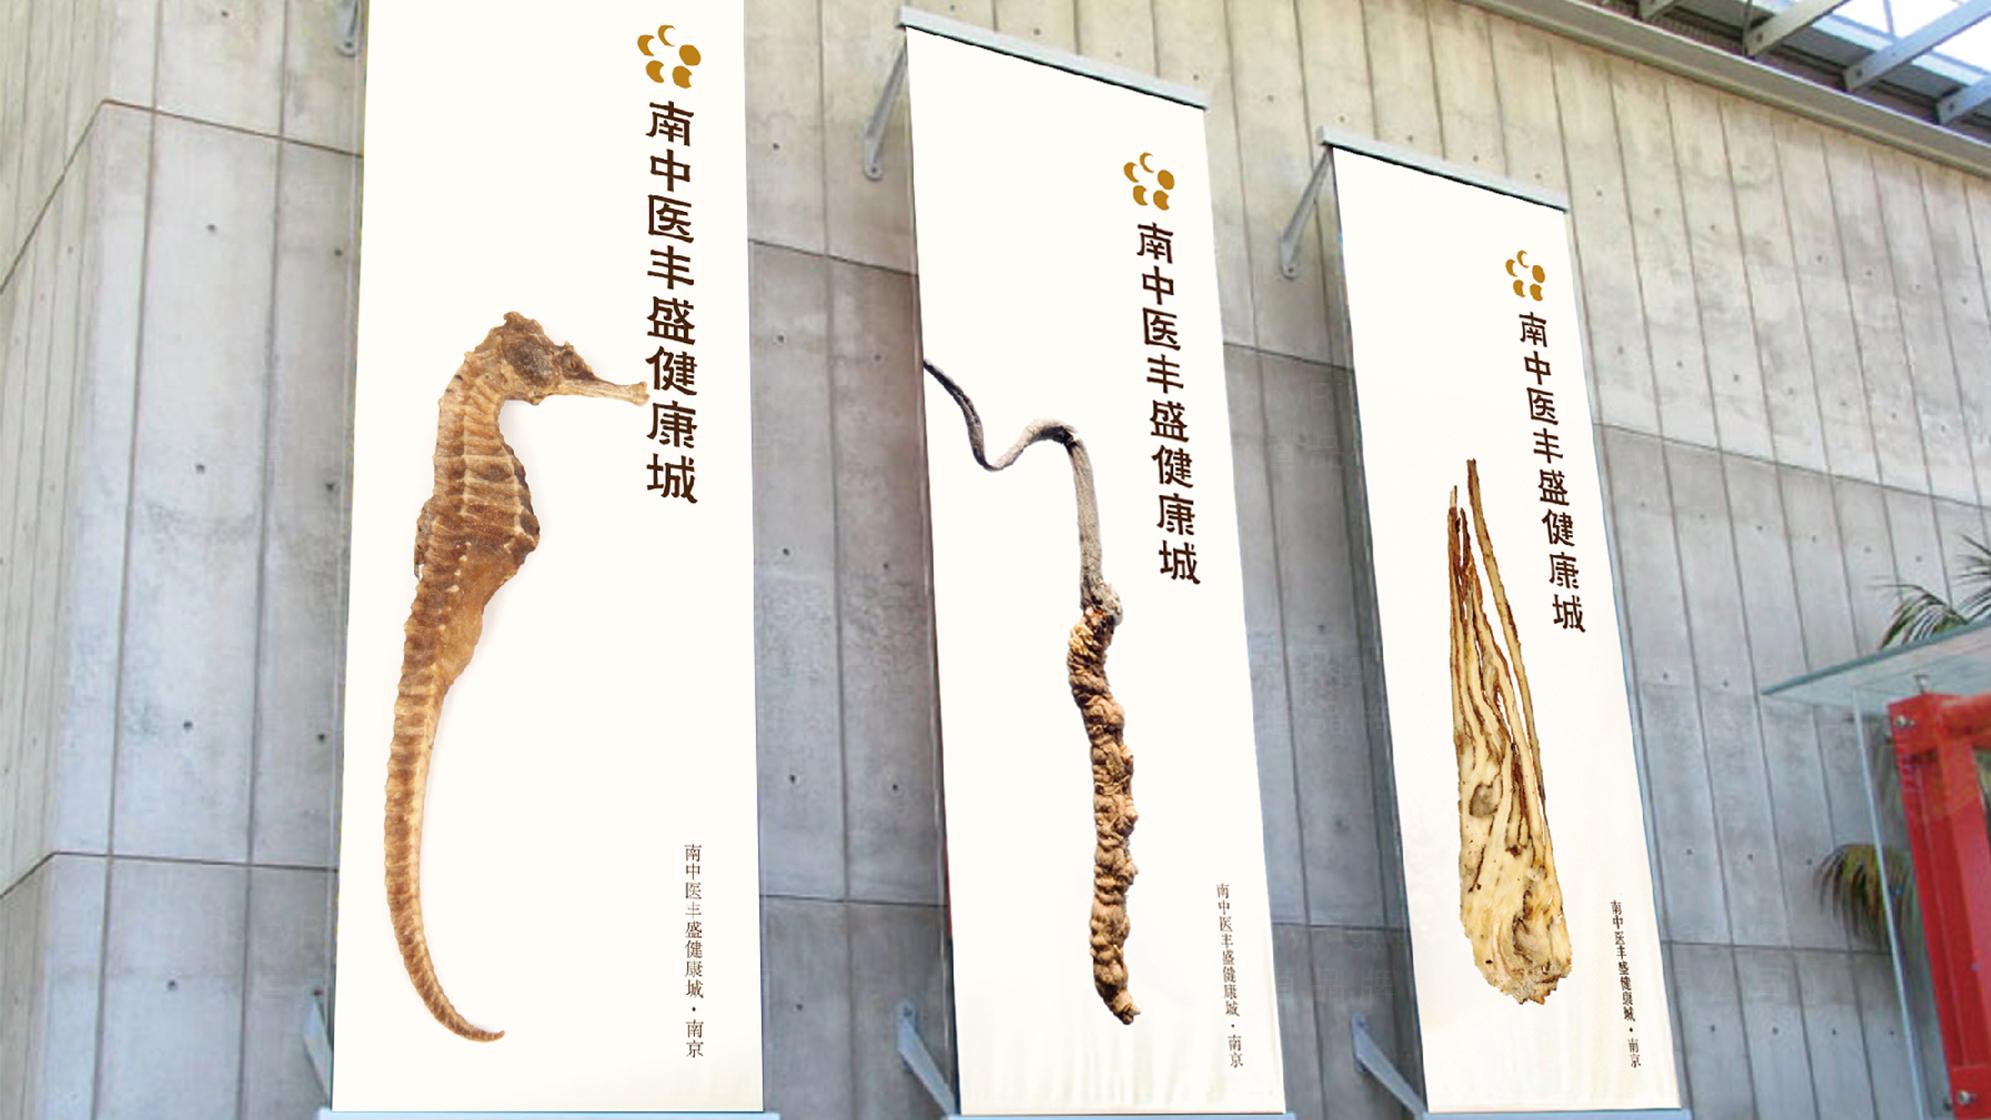 品牌设计南中医丰盛健康城LOGO&VI设计应用场景_12